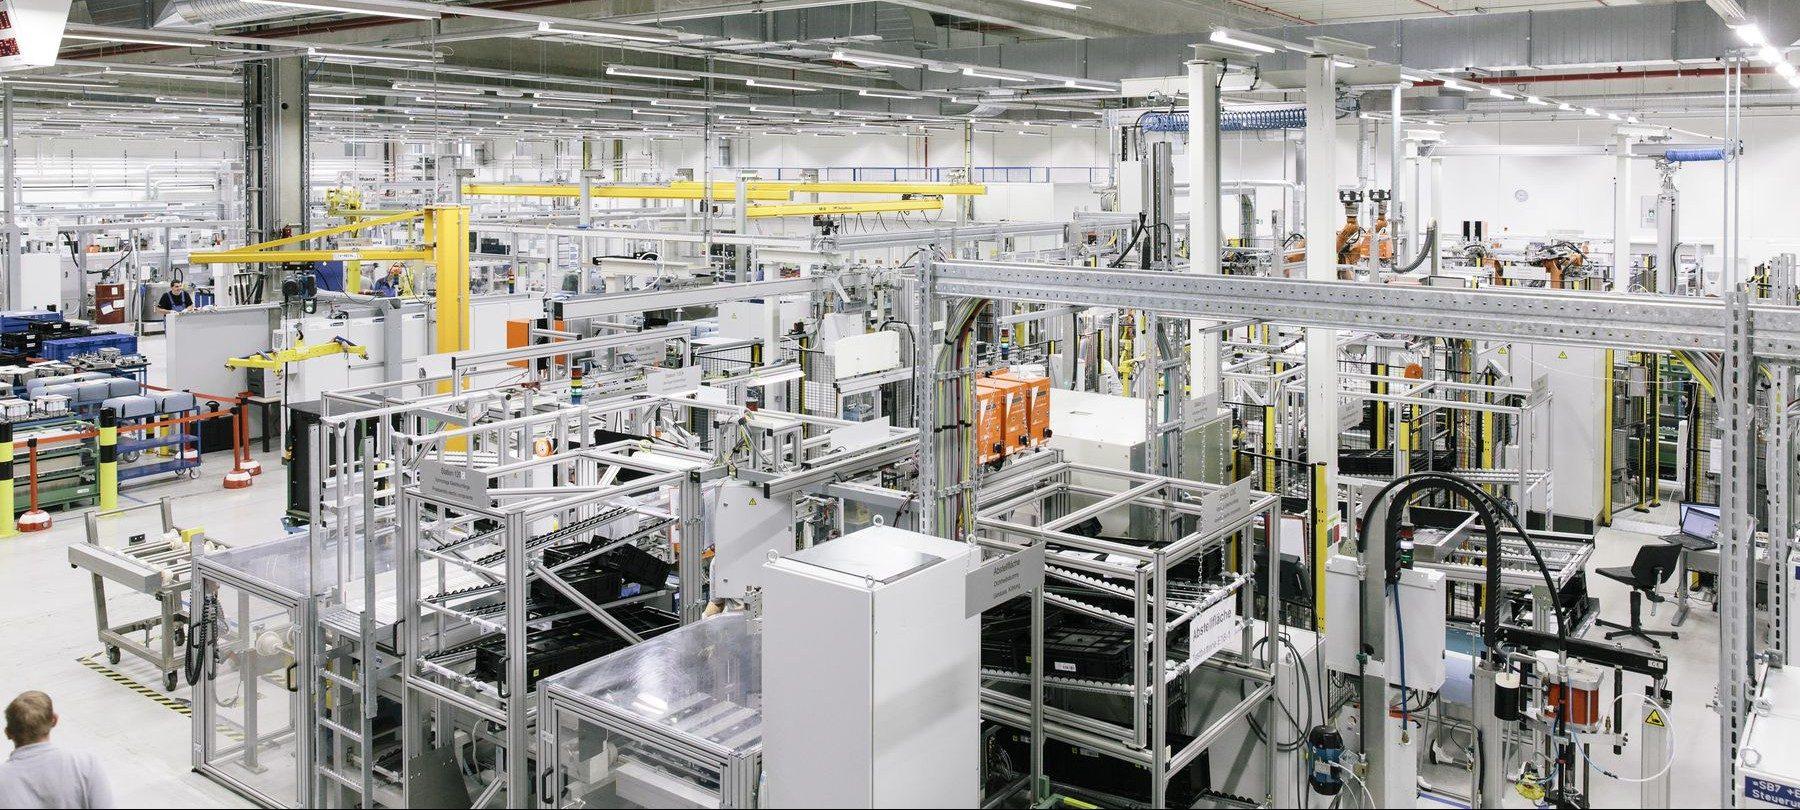 中国能源企业量产固态电池 新能源汽车迎来新机遇